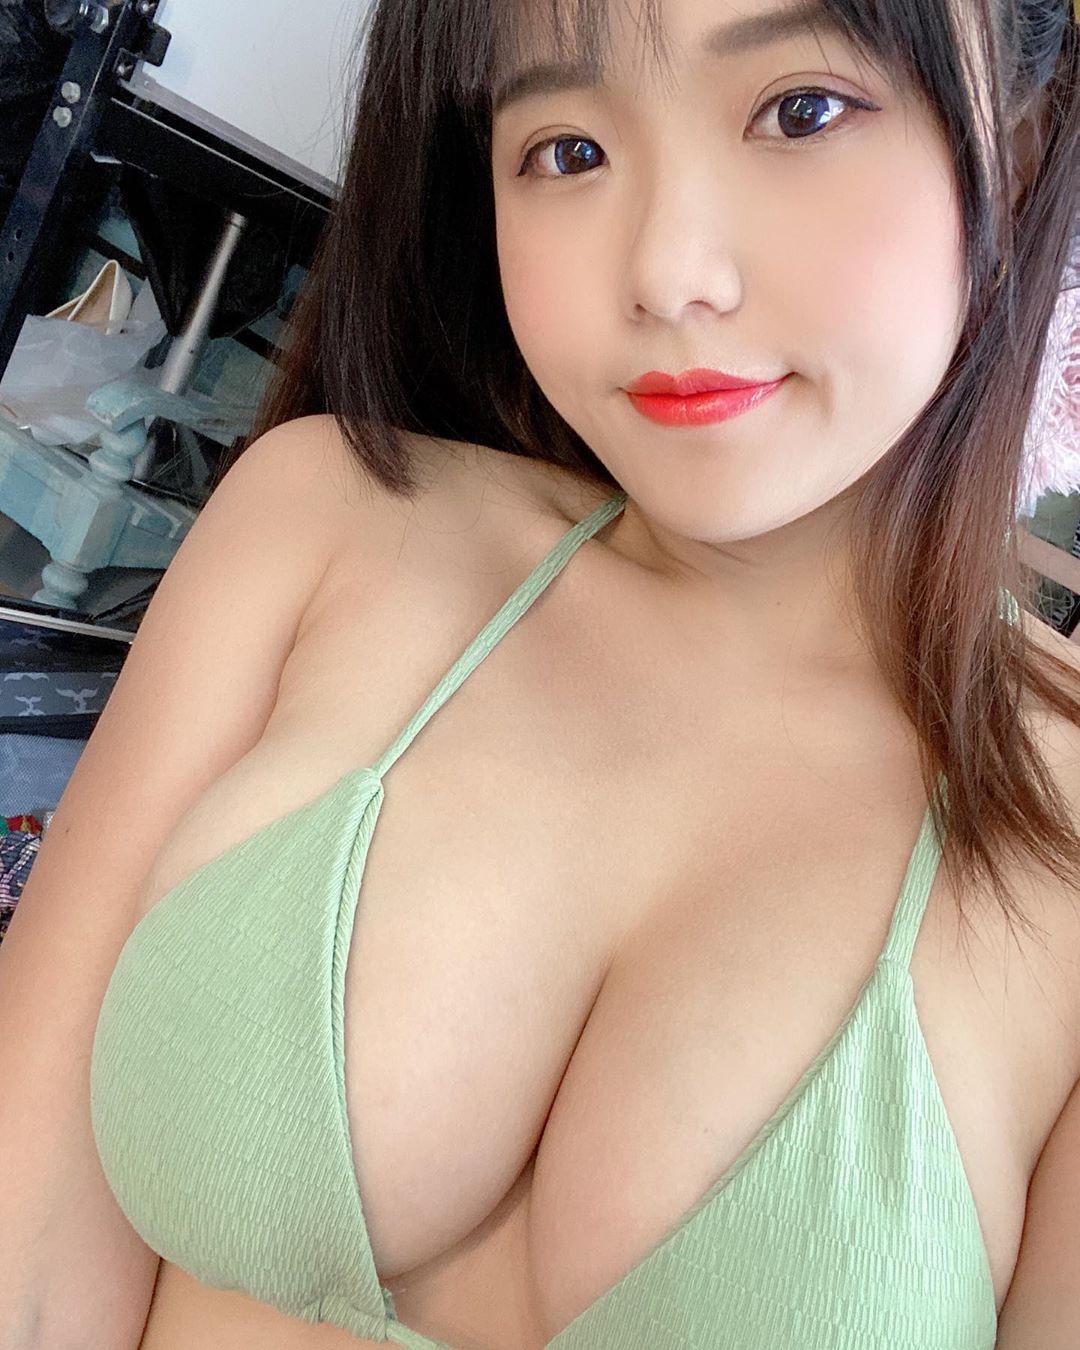 s6_5ecdb98931efd